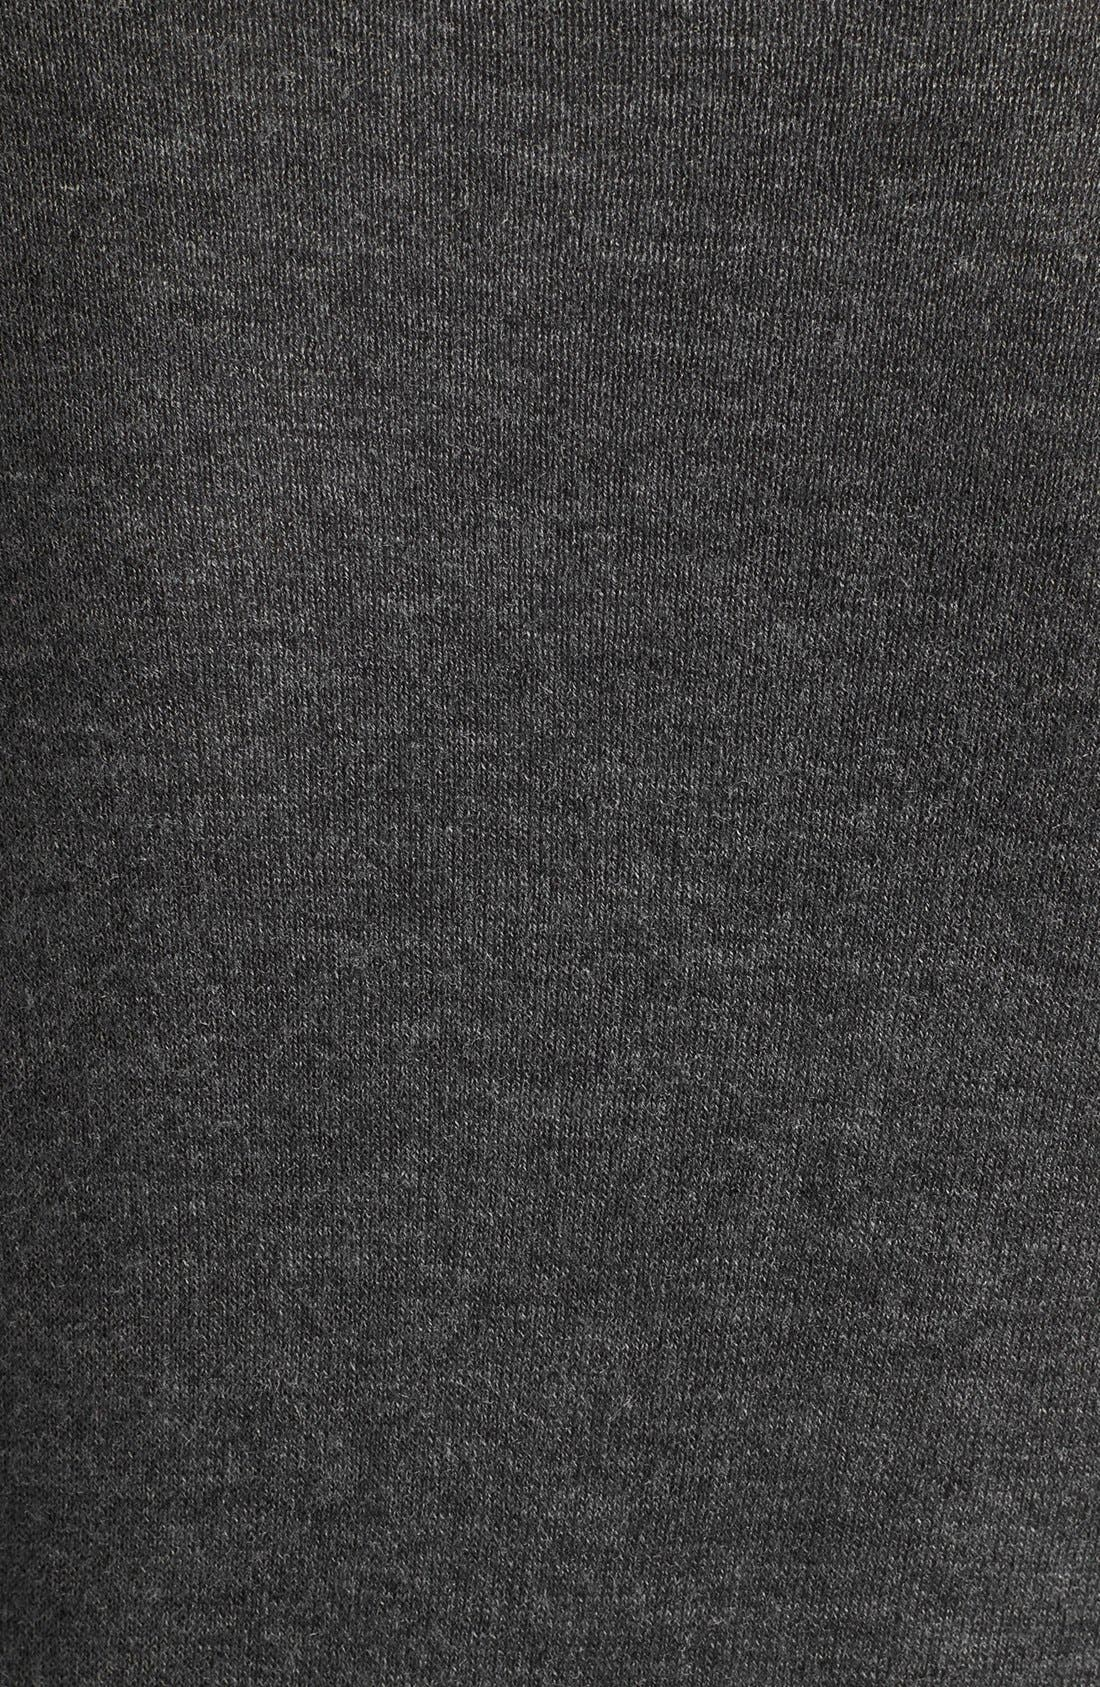 Alternate Image 3  - Hinge® Beaded Lace Overlay Sweater